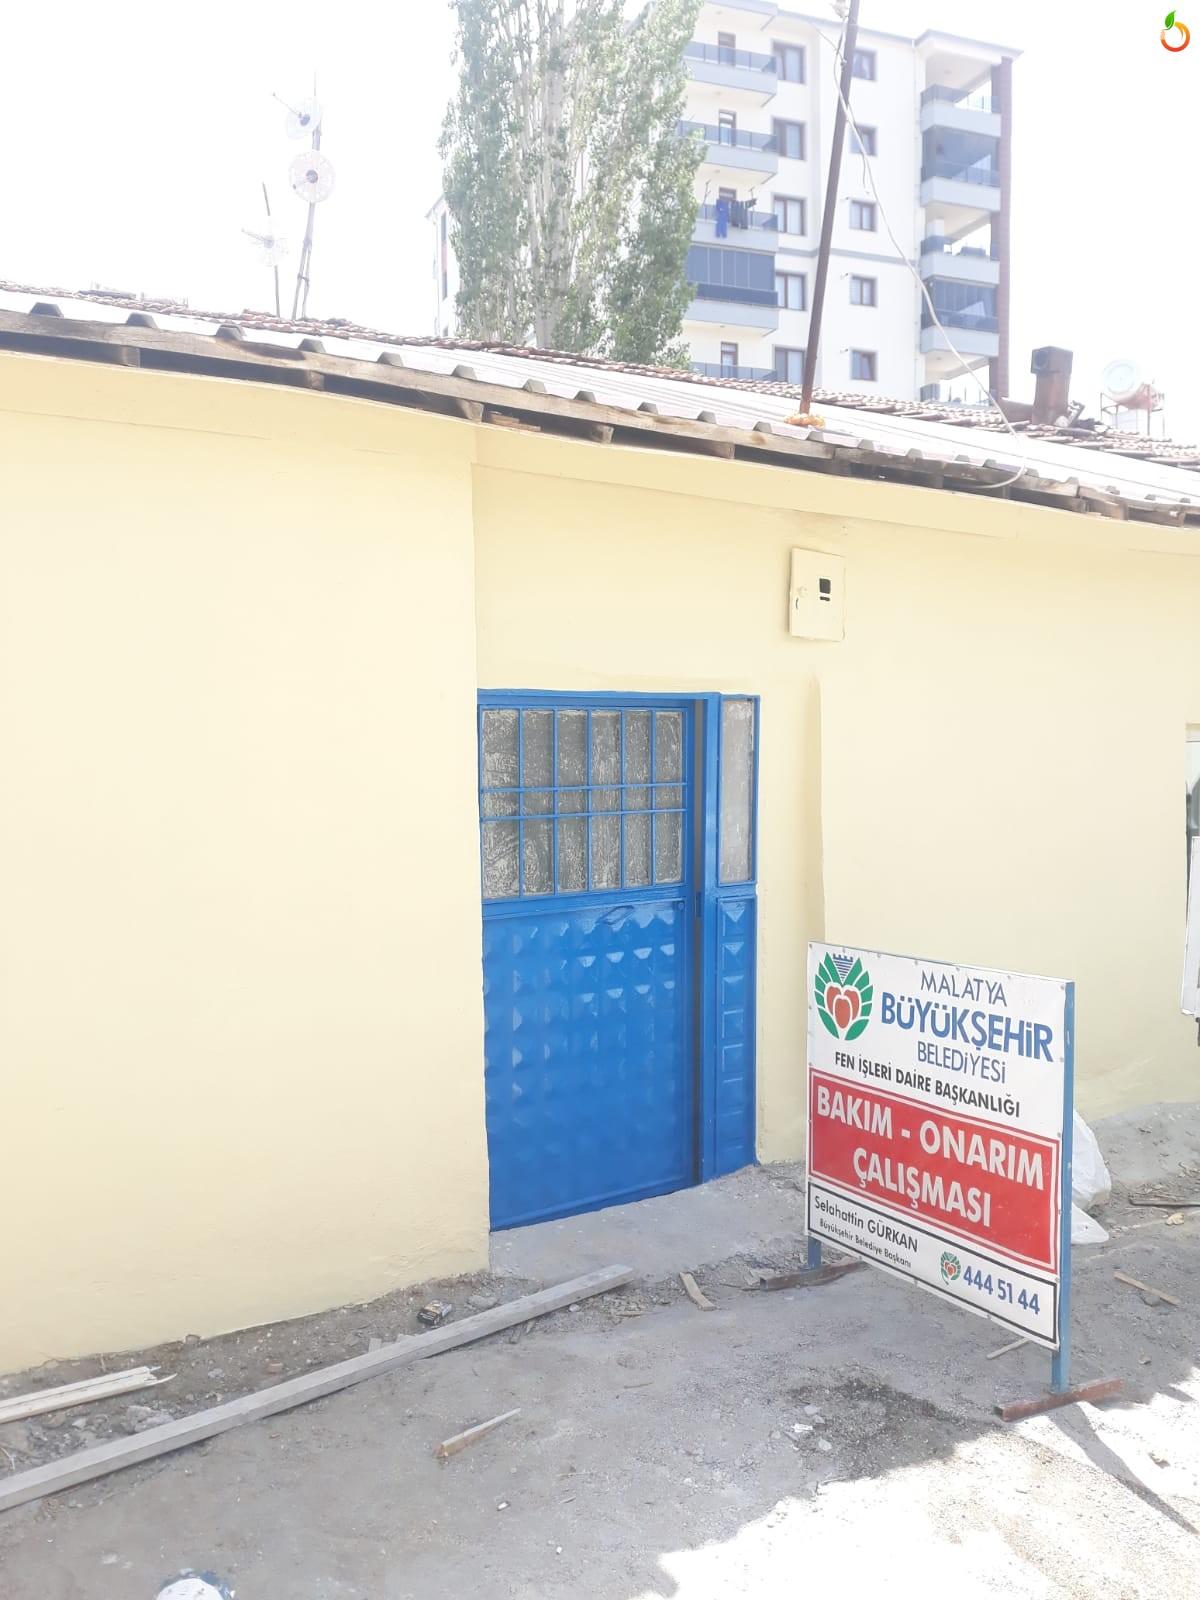 Büyükşehir Belediyesi Mercedes Kadir'in ailesini unutmadı